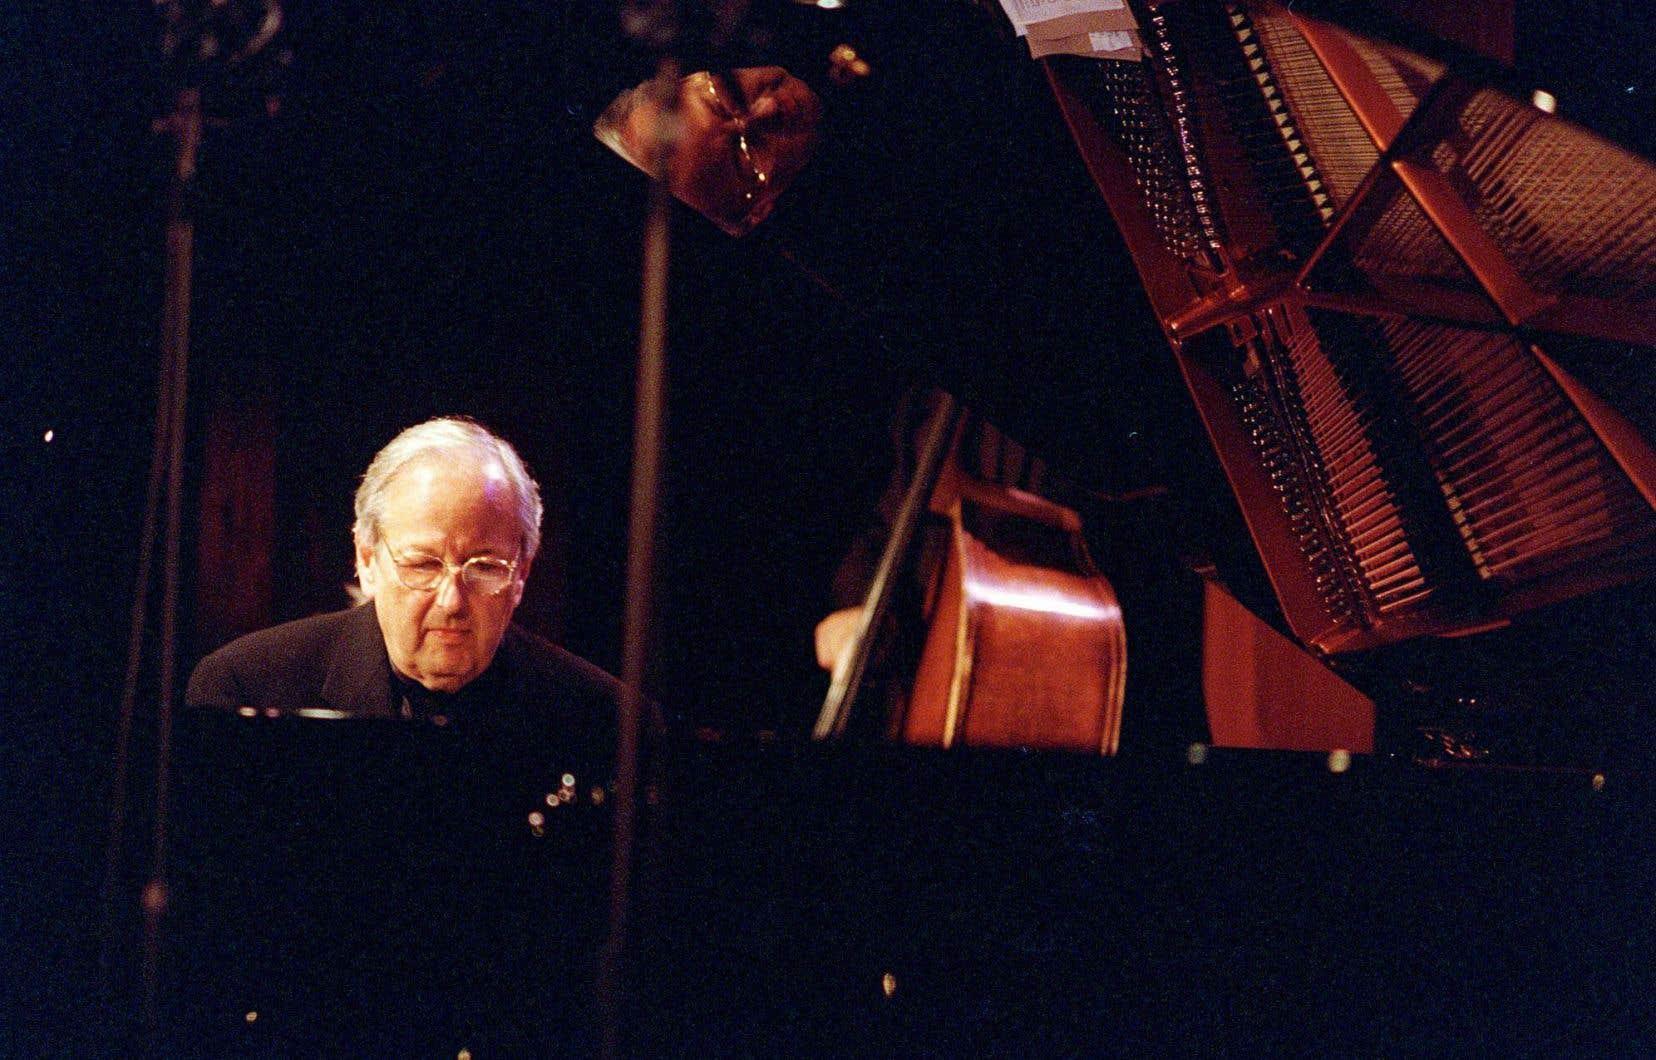 Le chef d'orchestre, compositeur et pianiste André Previn au club Jazz Standard de New York en octobre 2000